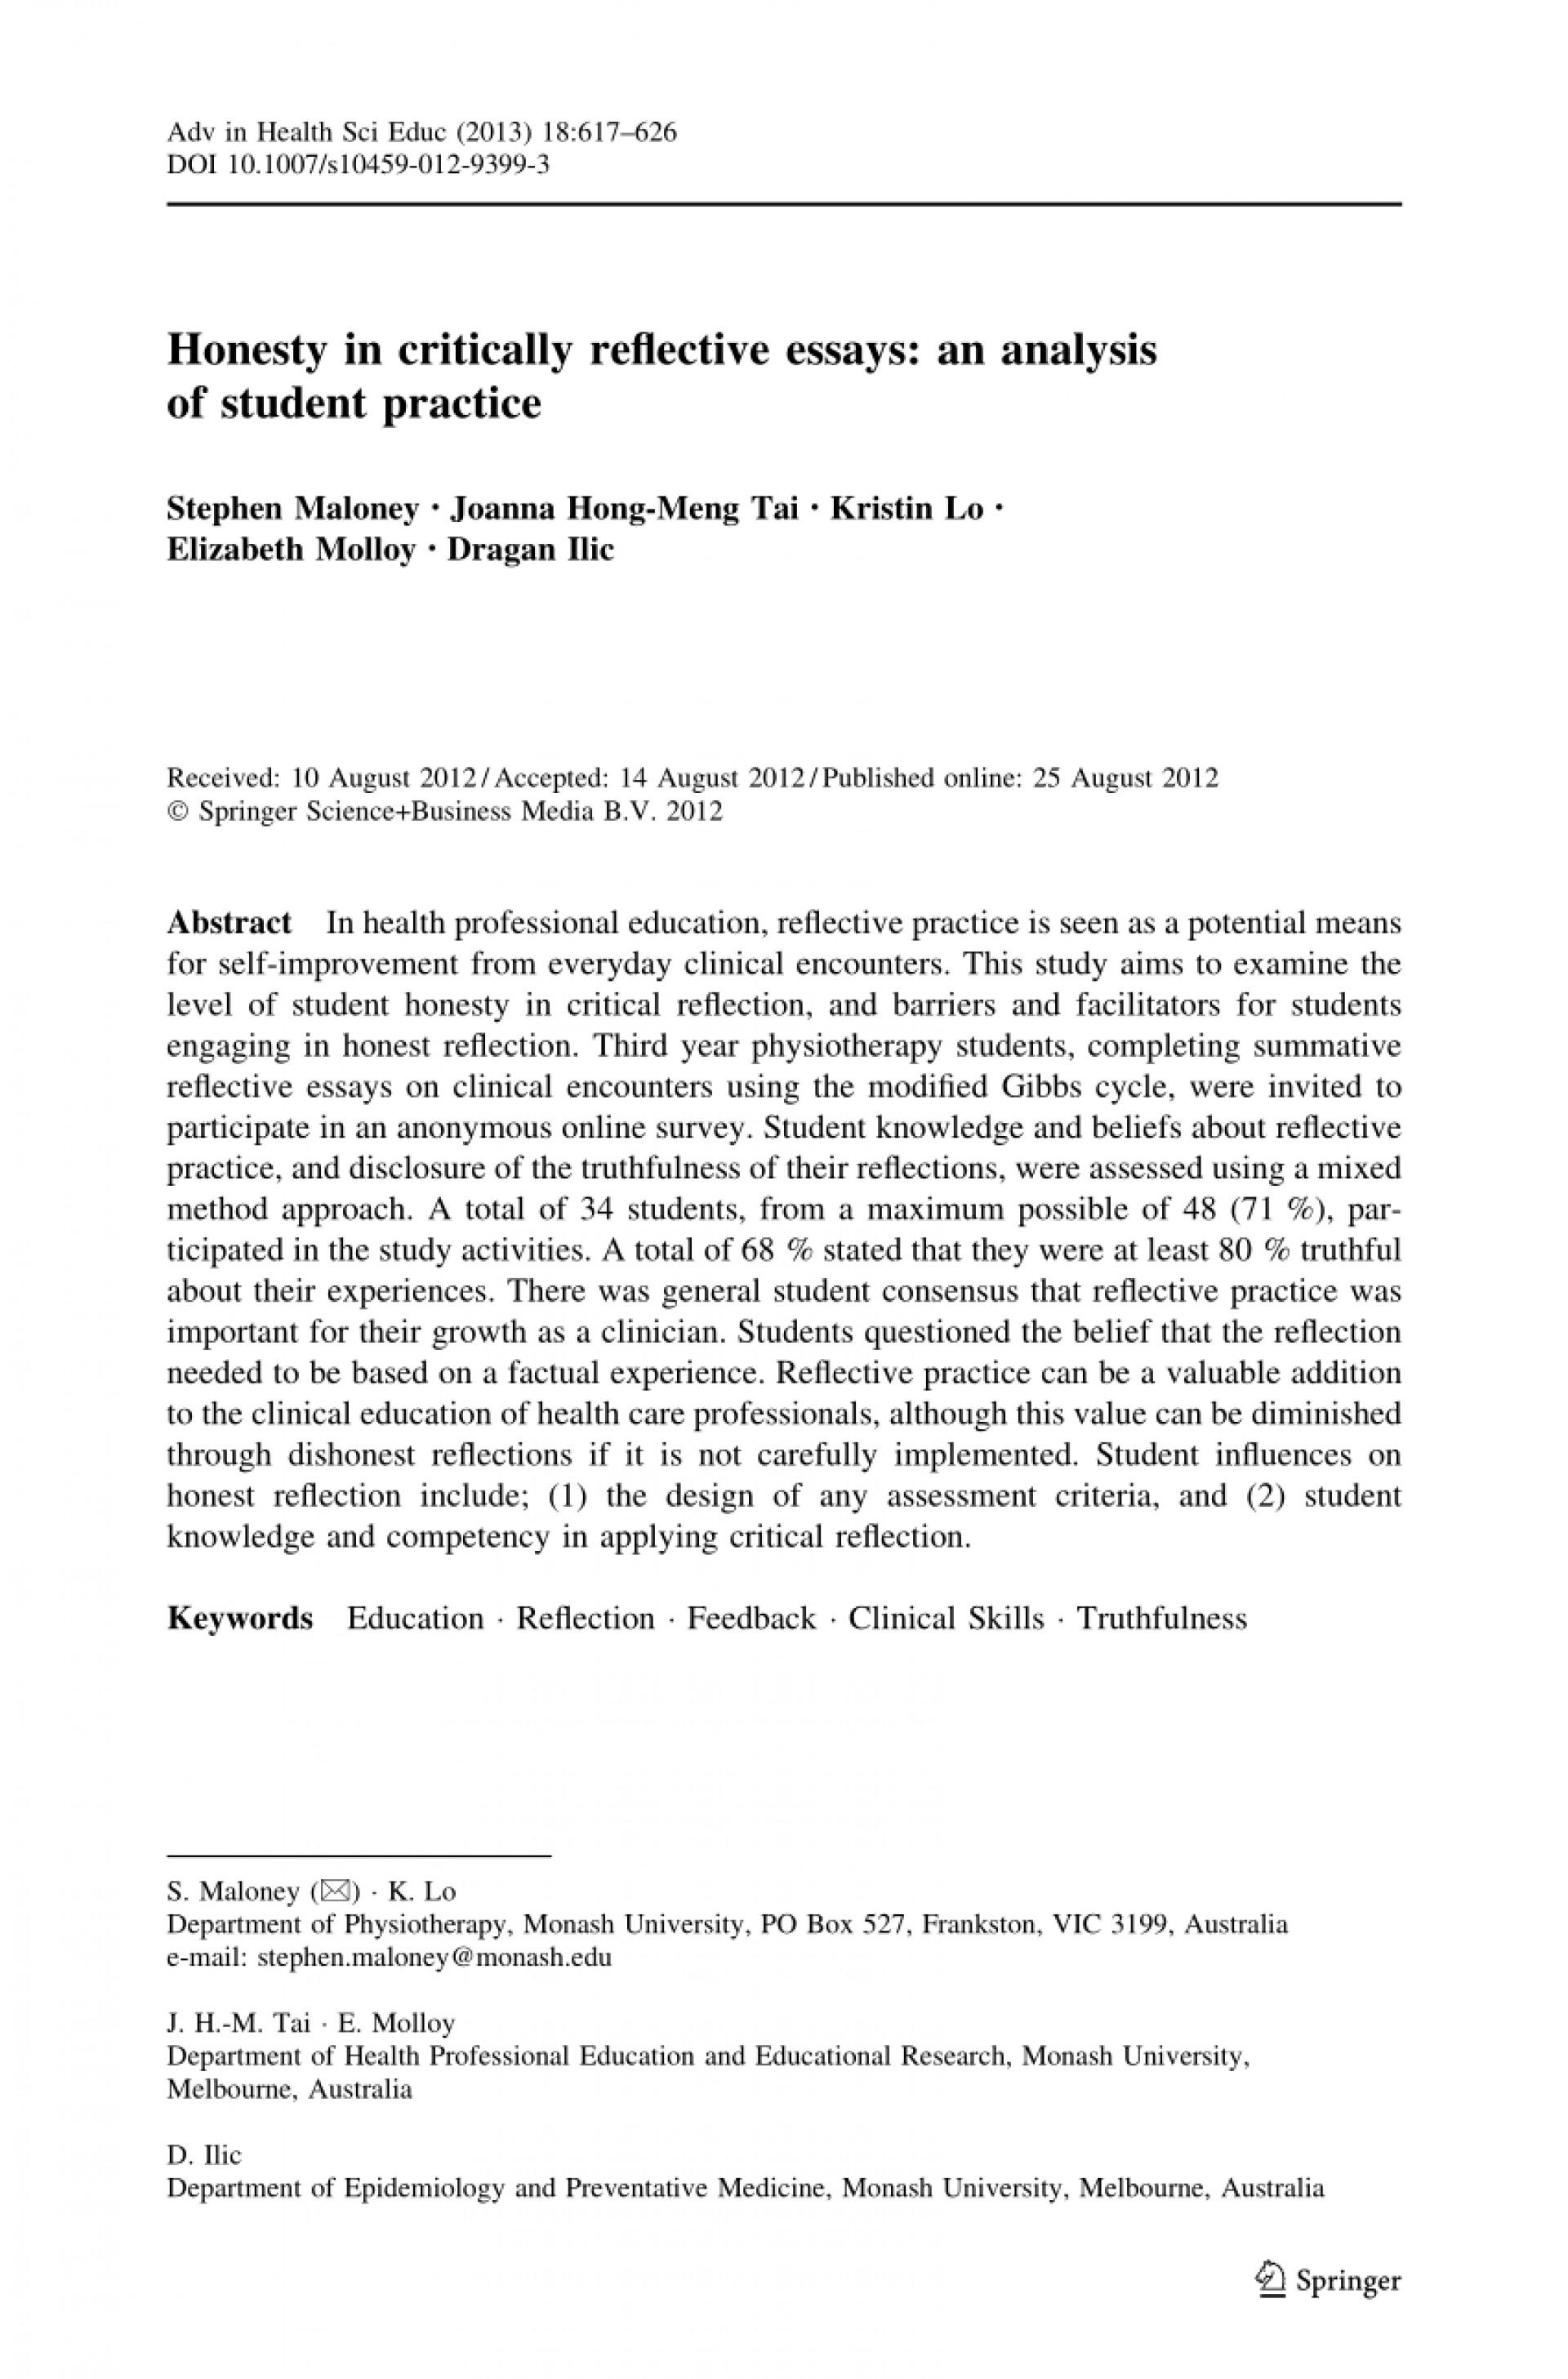 Dissertation autism inclusion